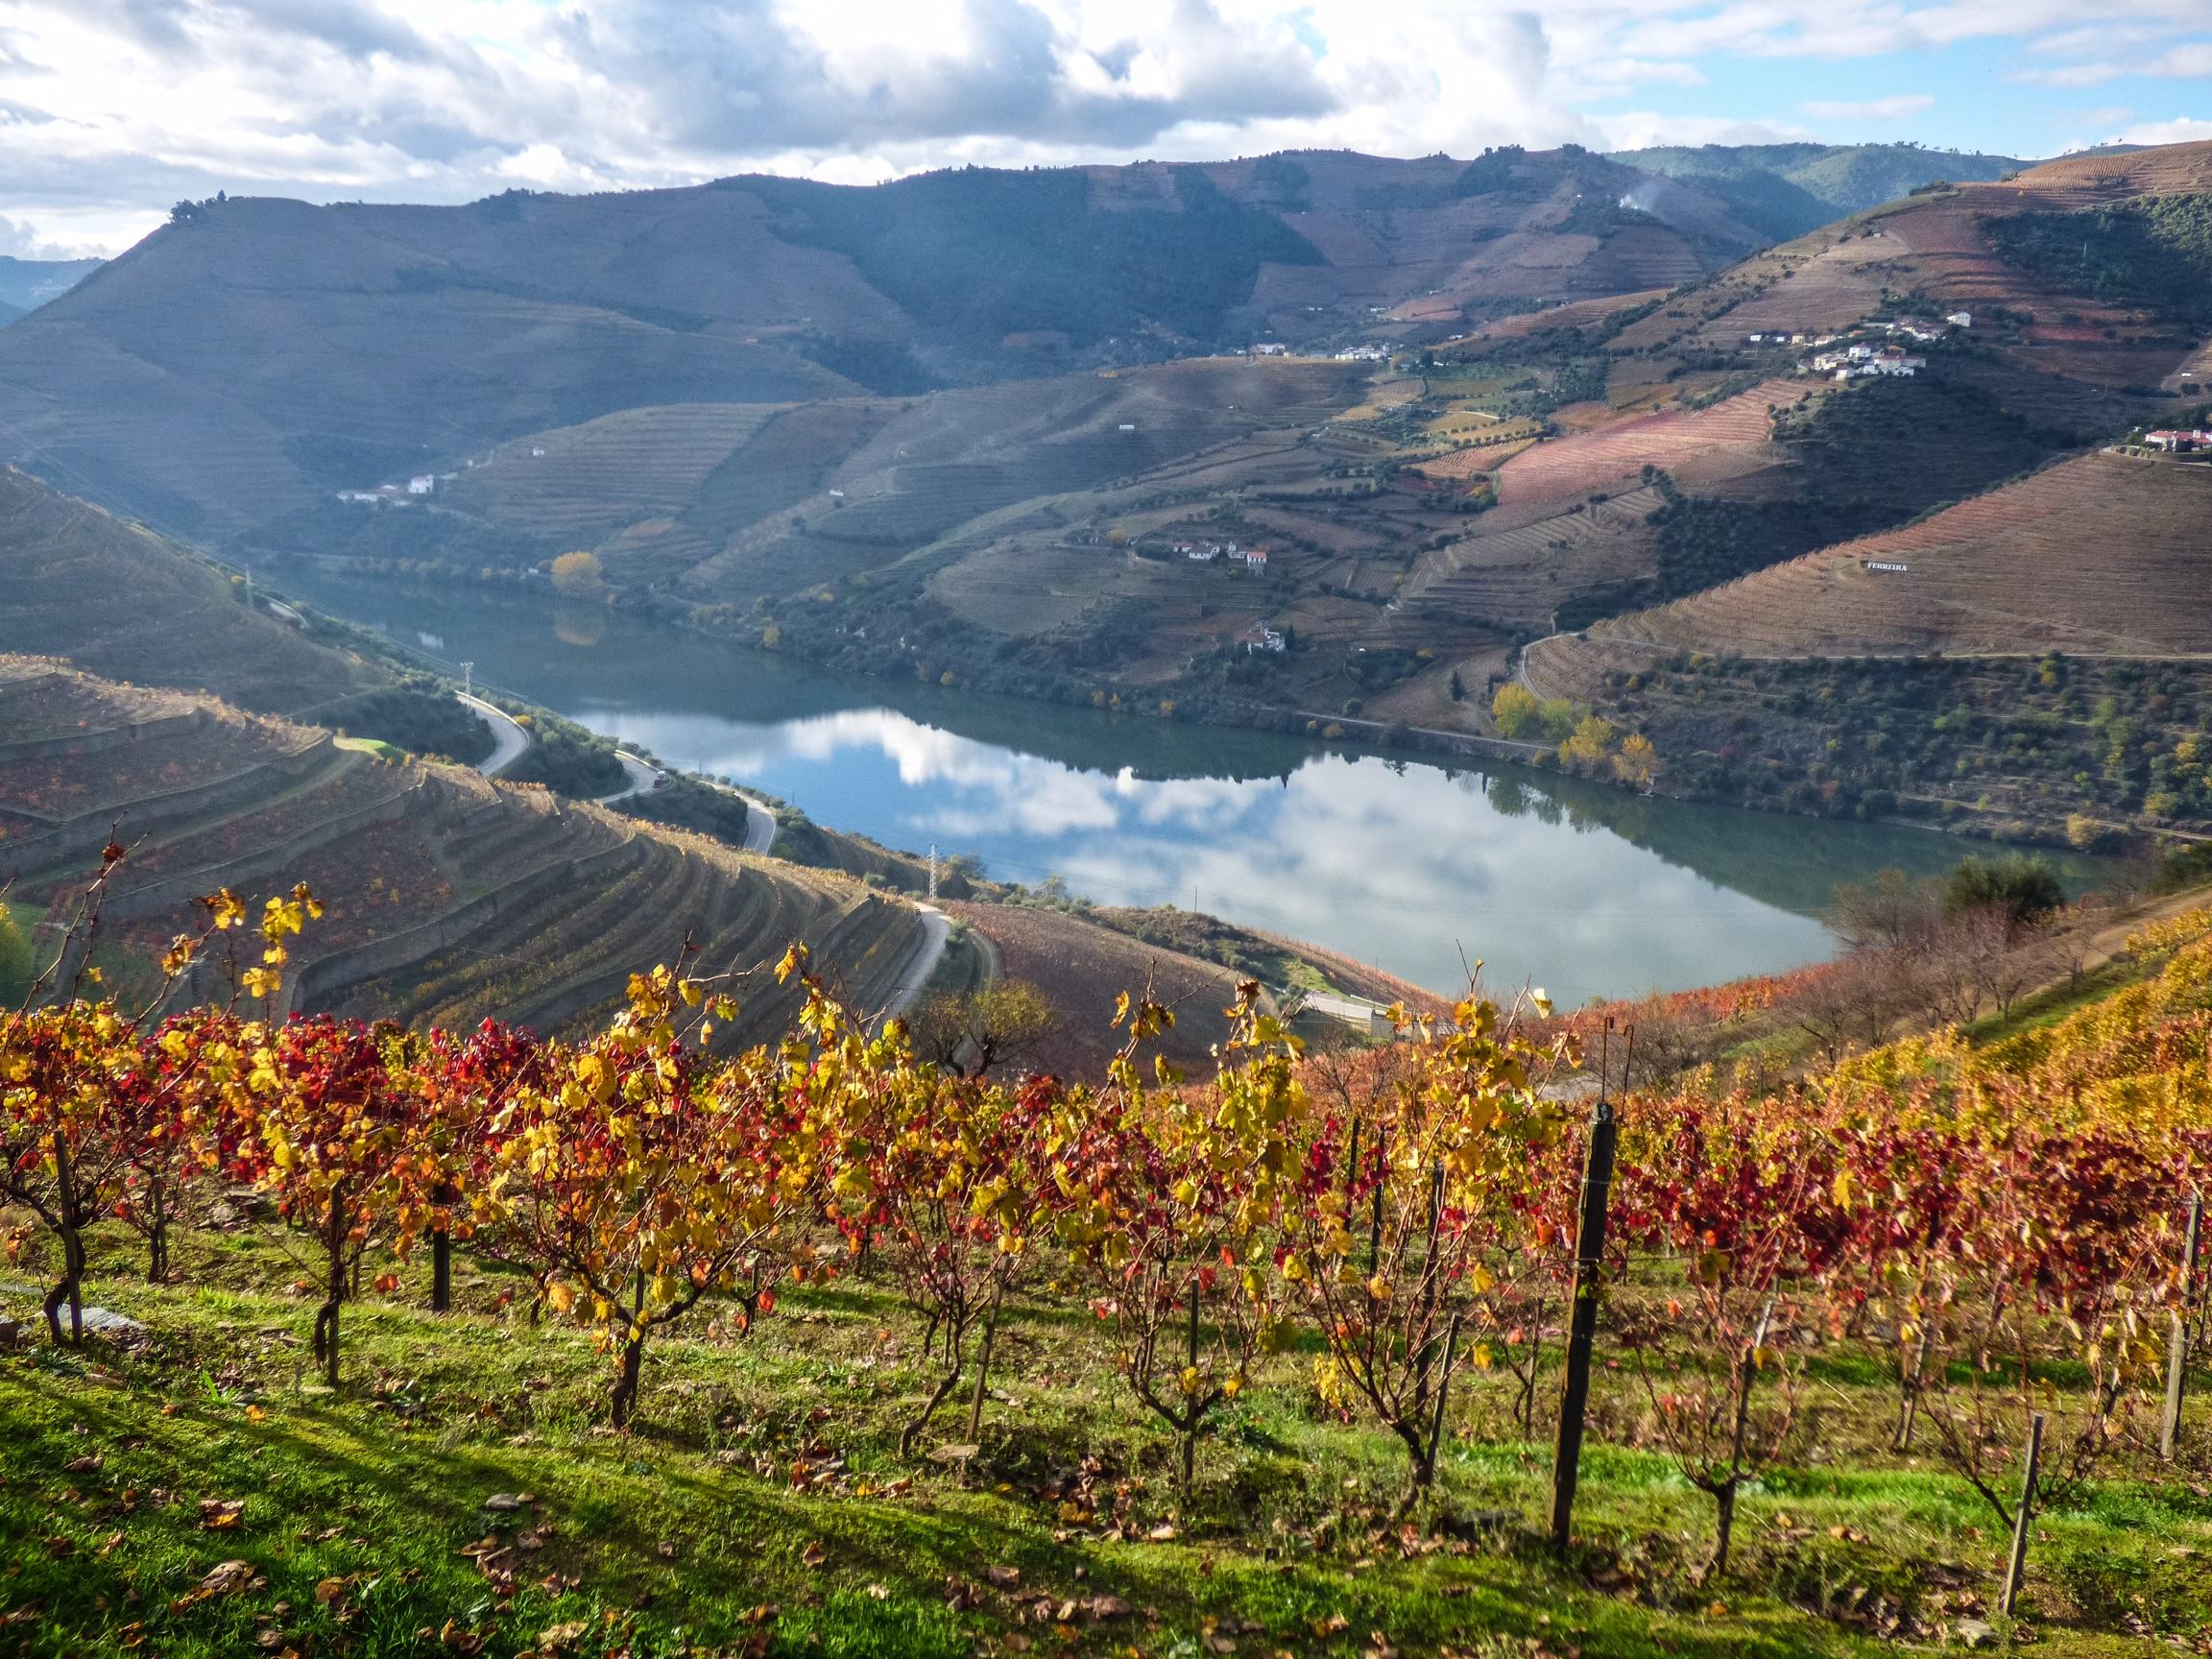 Vinícolas do Vale Douro em Portugal